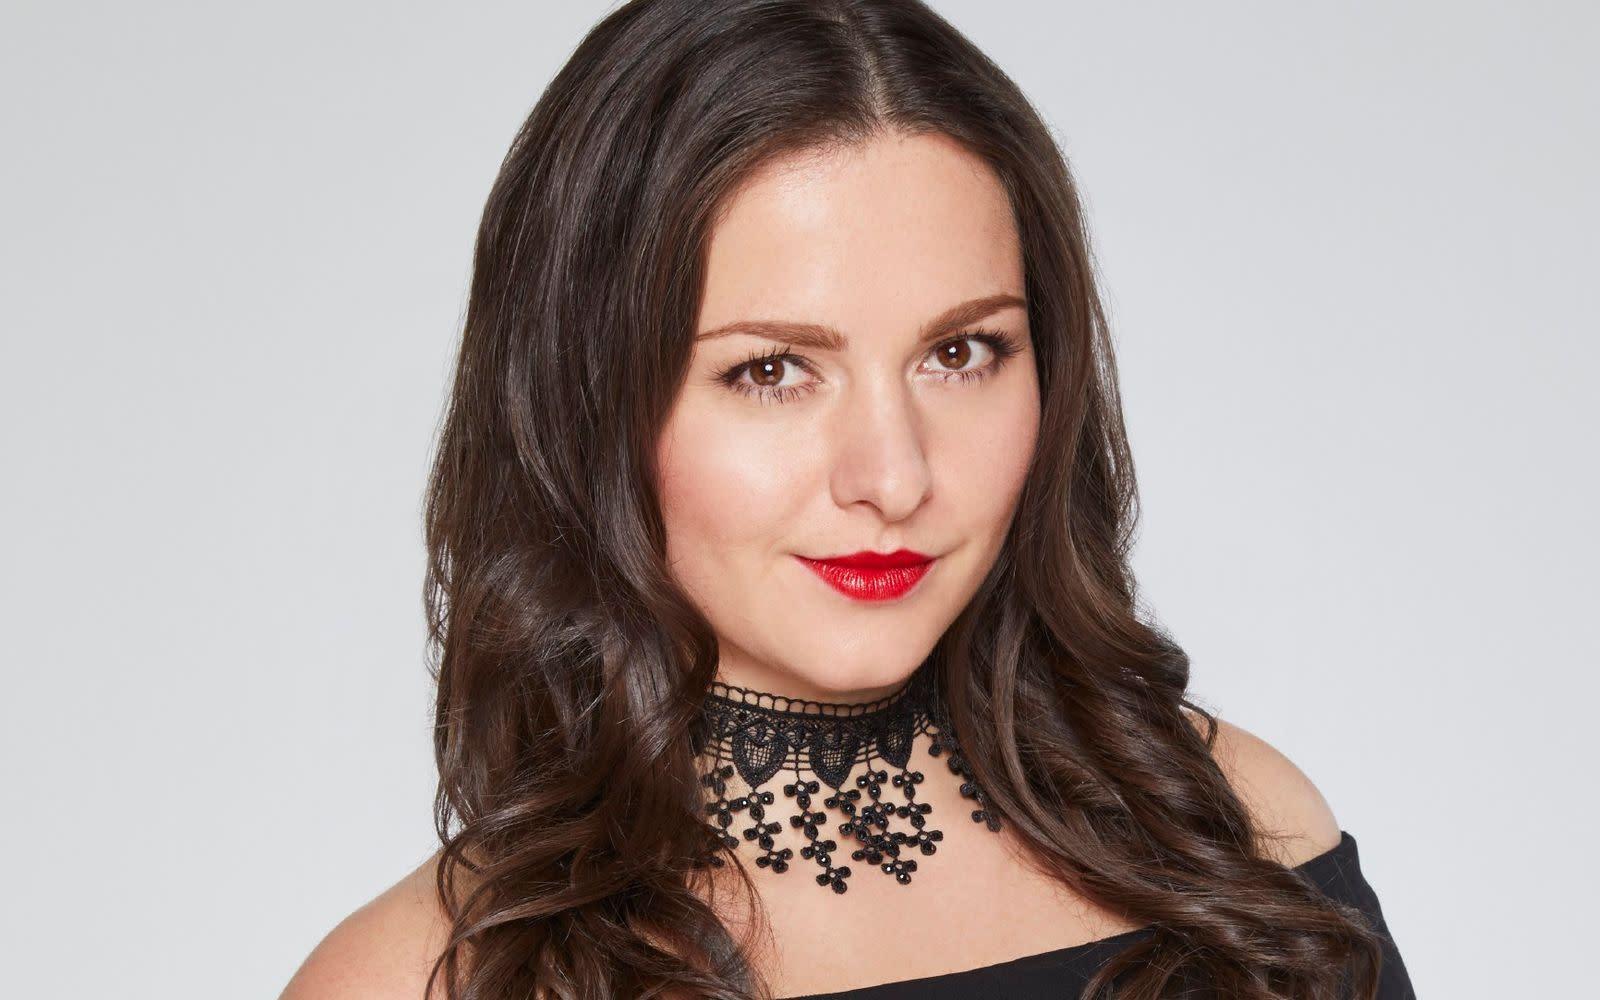 Unter uns-Star Antonia Michalsky auf dem Cover des Playboy